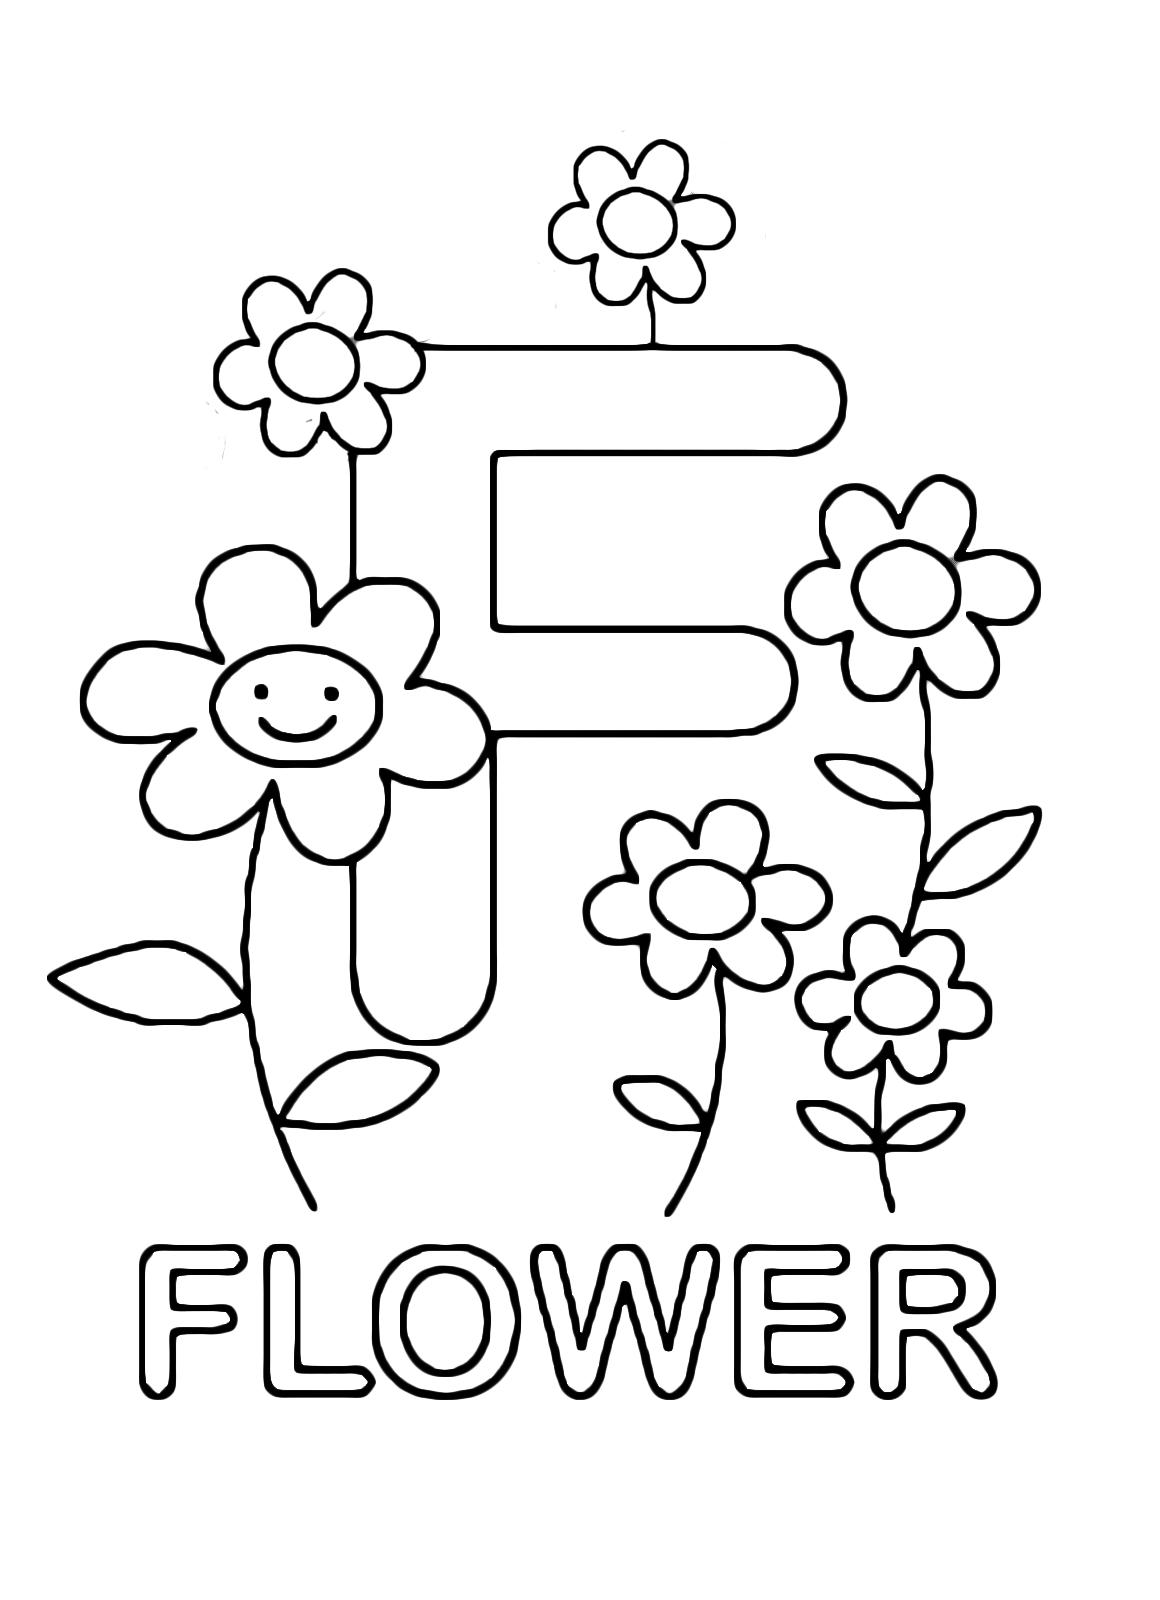 Fiori In Inglese.Lettere E Numeri Lettera F In Stampatello Di Flower Fiore In